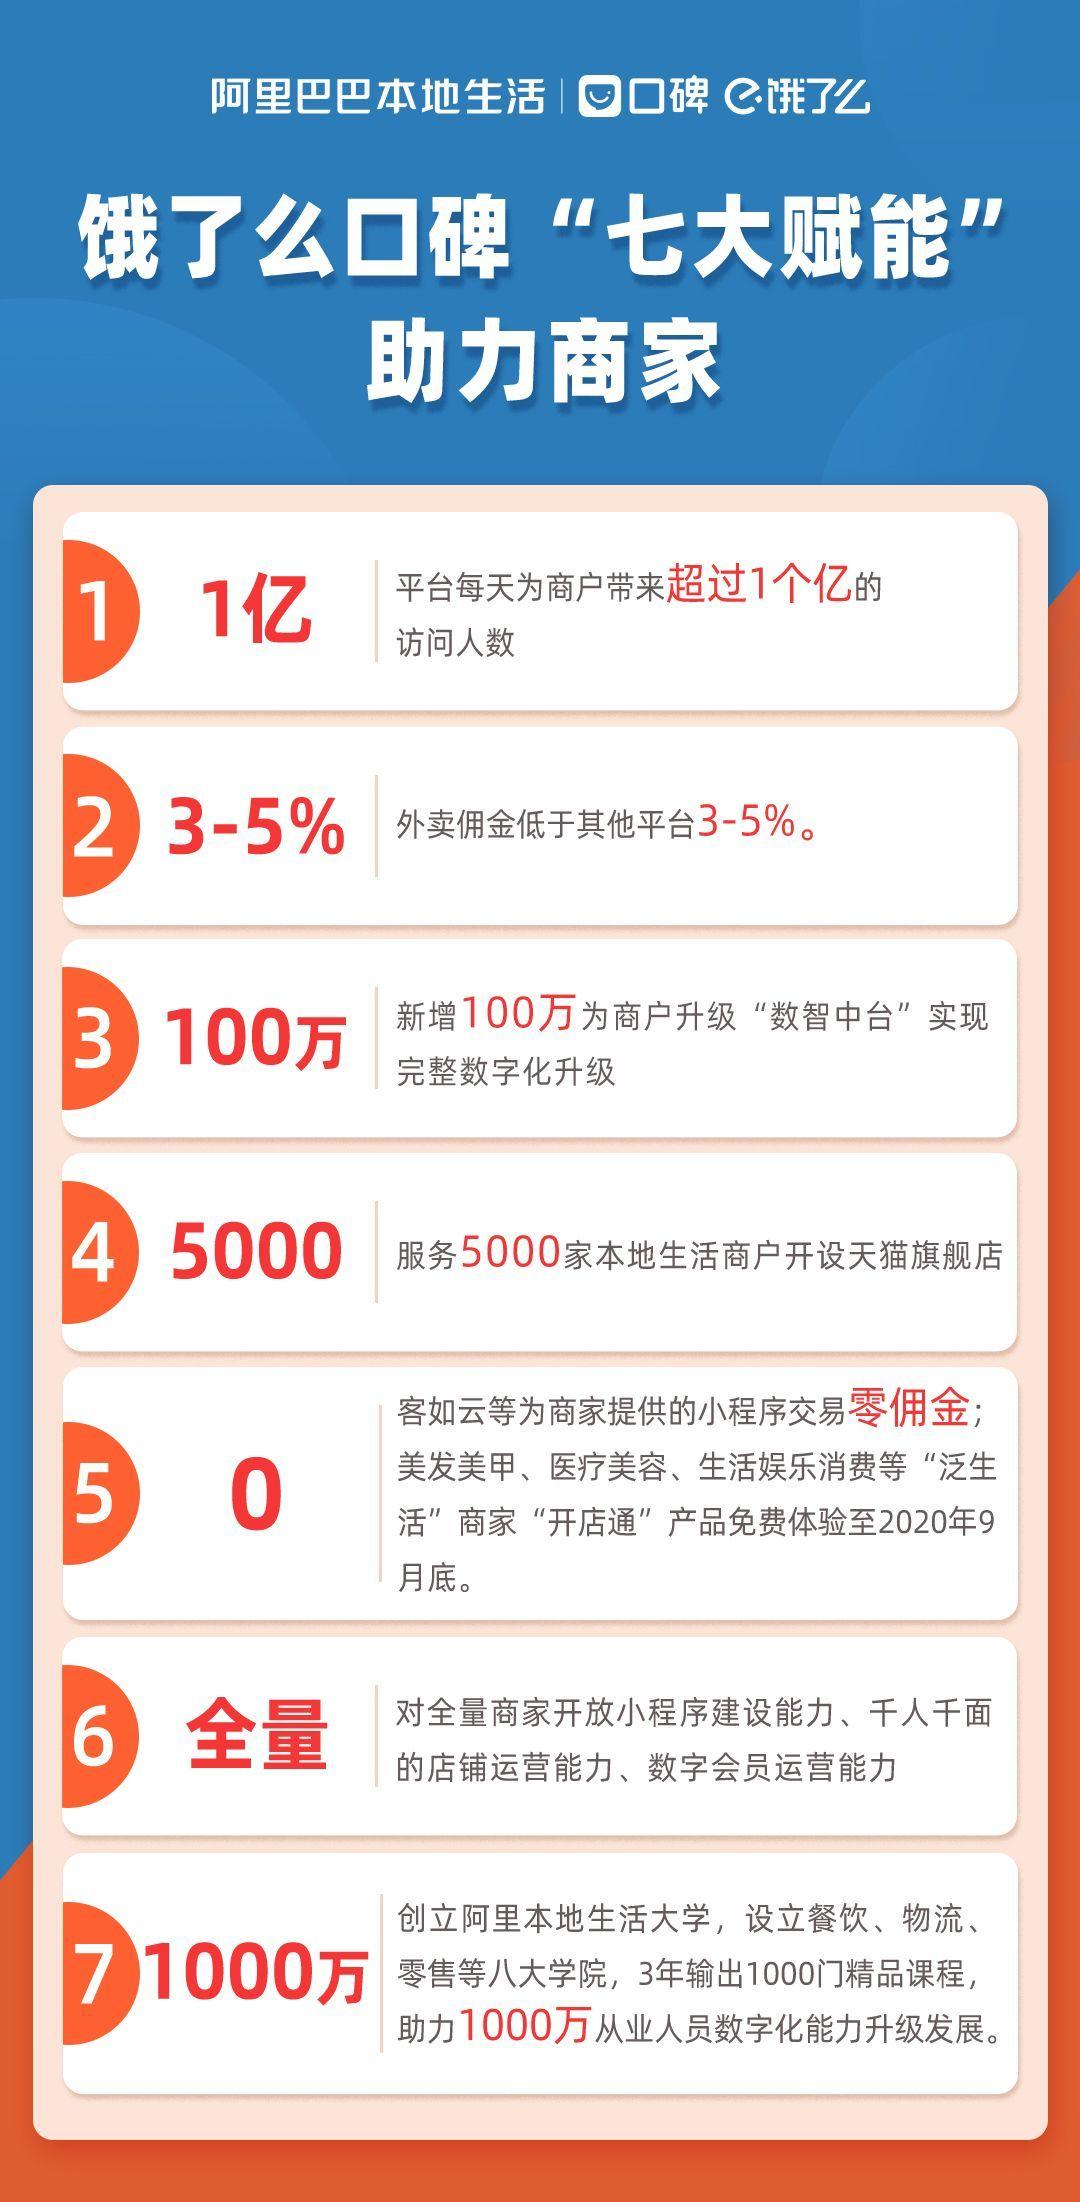 http://www.k2summit.cn/caijingfenxi/2172817.html